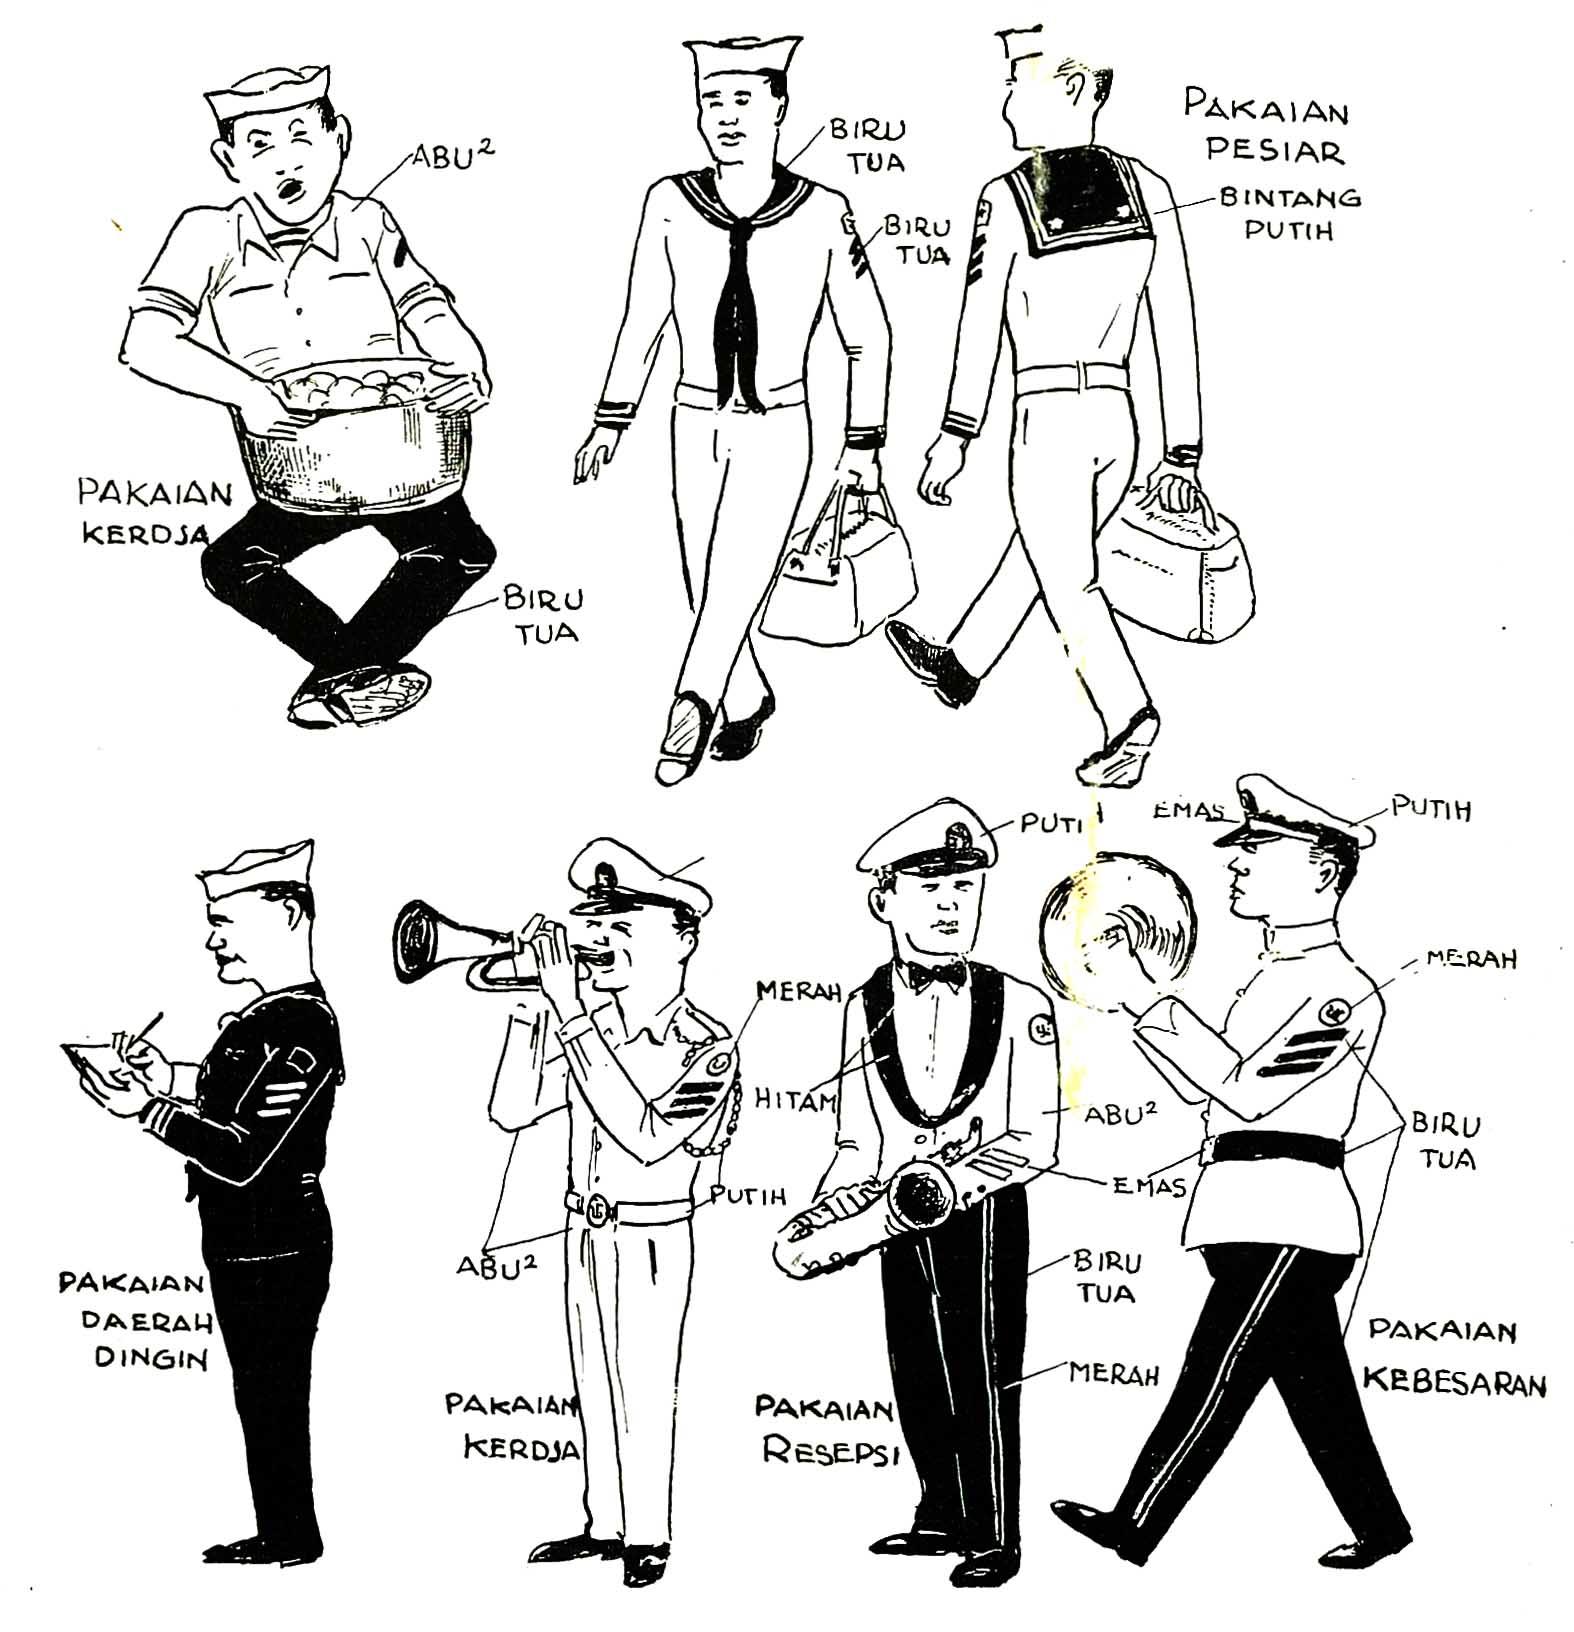 file indonesian navy enlisted men uniforms jalesveva jayamahe p240 Color Gamut sRGB file indonesian navy enlisted men uniforms jalesveva jayamahe p240